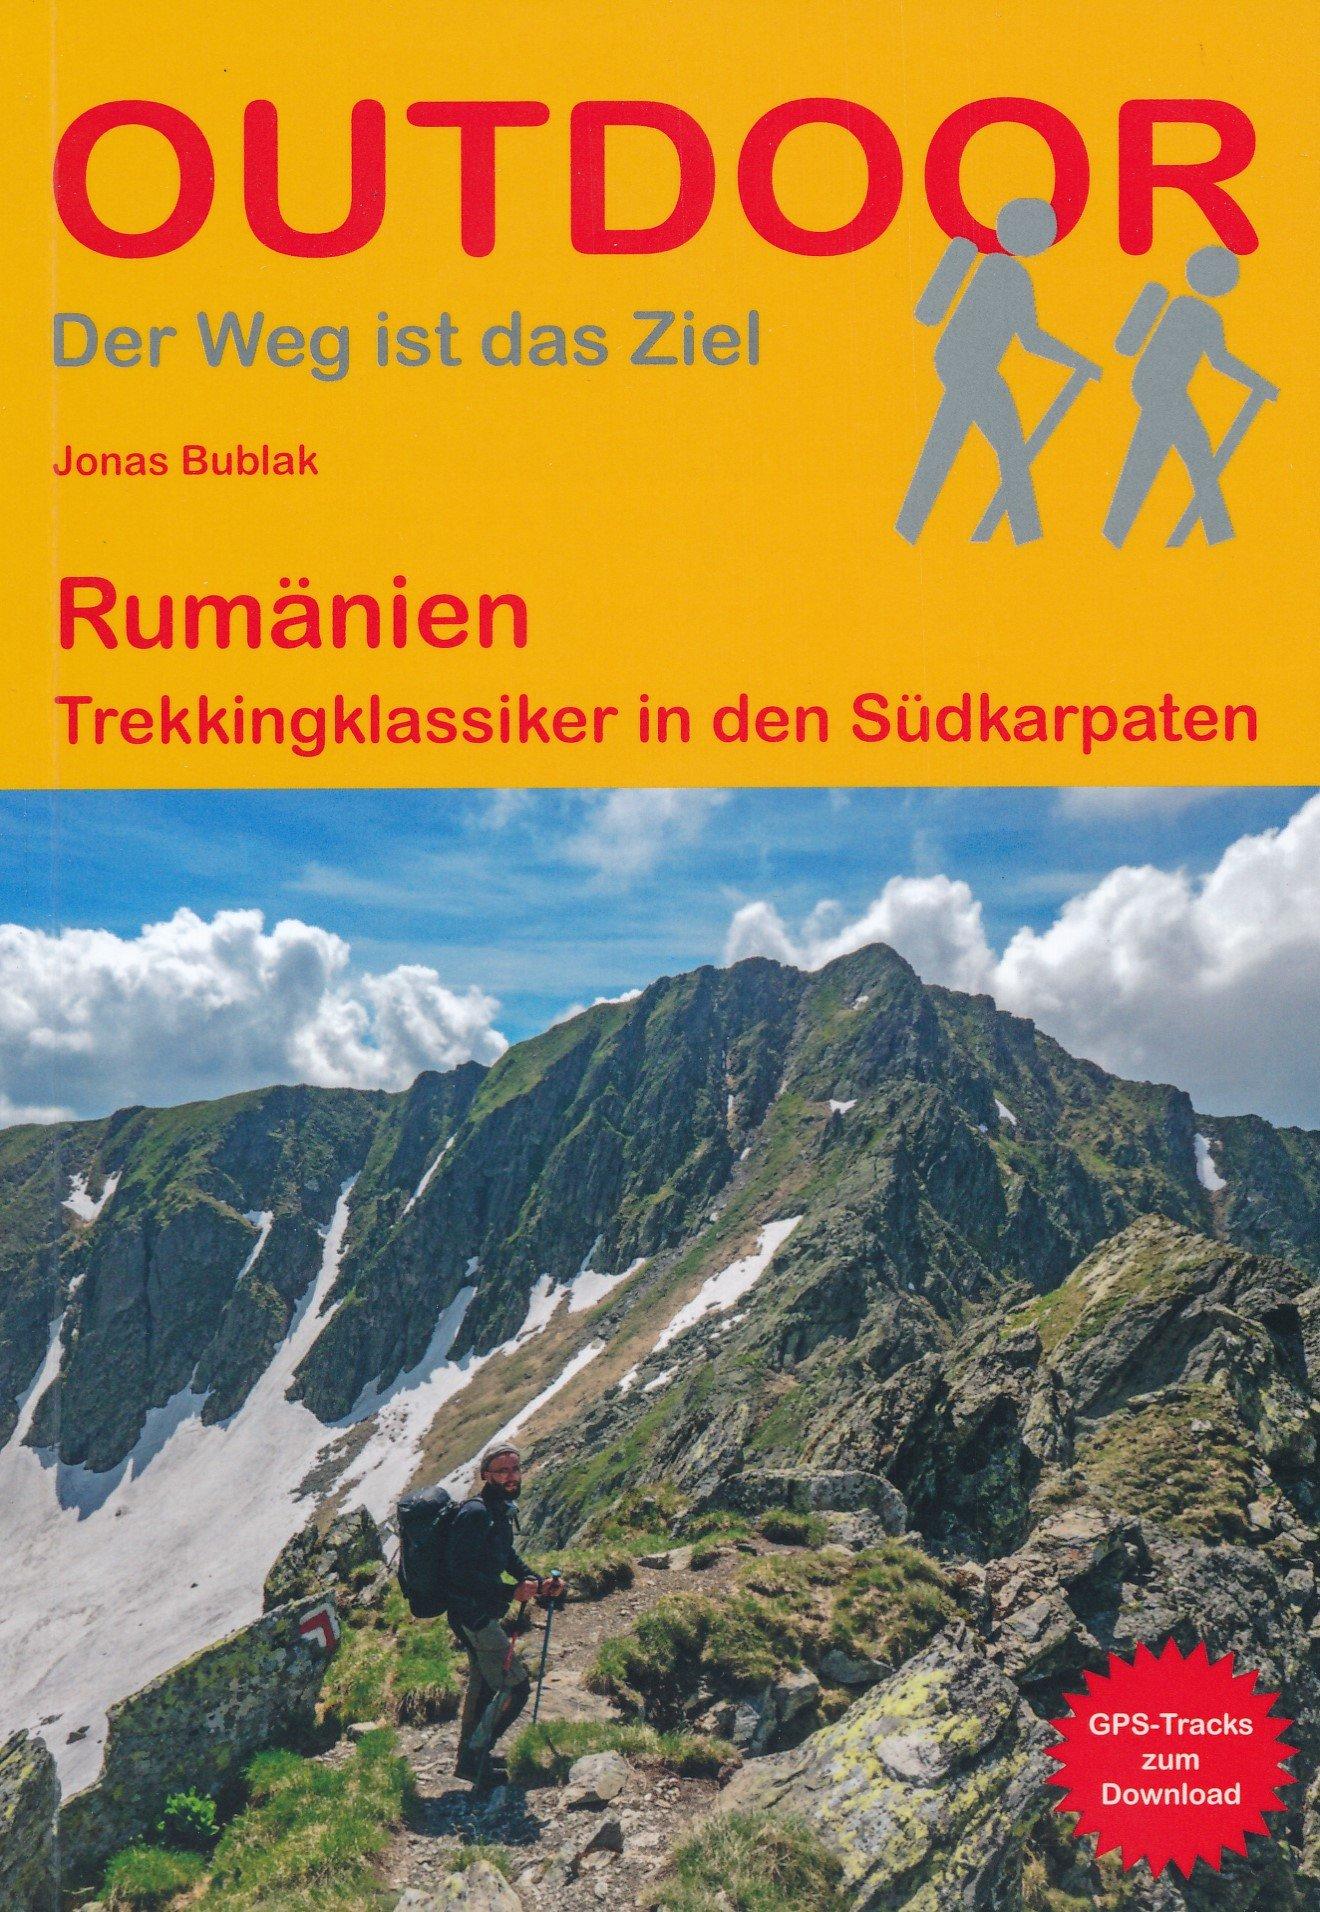 Rumänien  (418) | wandelgids (Duitstalig) 9783866865709  Conrad Stein Verlag Outdoor - Der Weg ist das Ziel  Meerdaagse wandelroutes, Wandelgidsen Roemenië, Moldavië